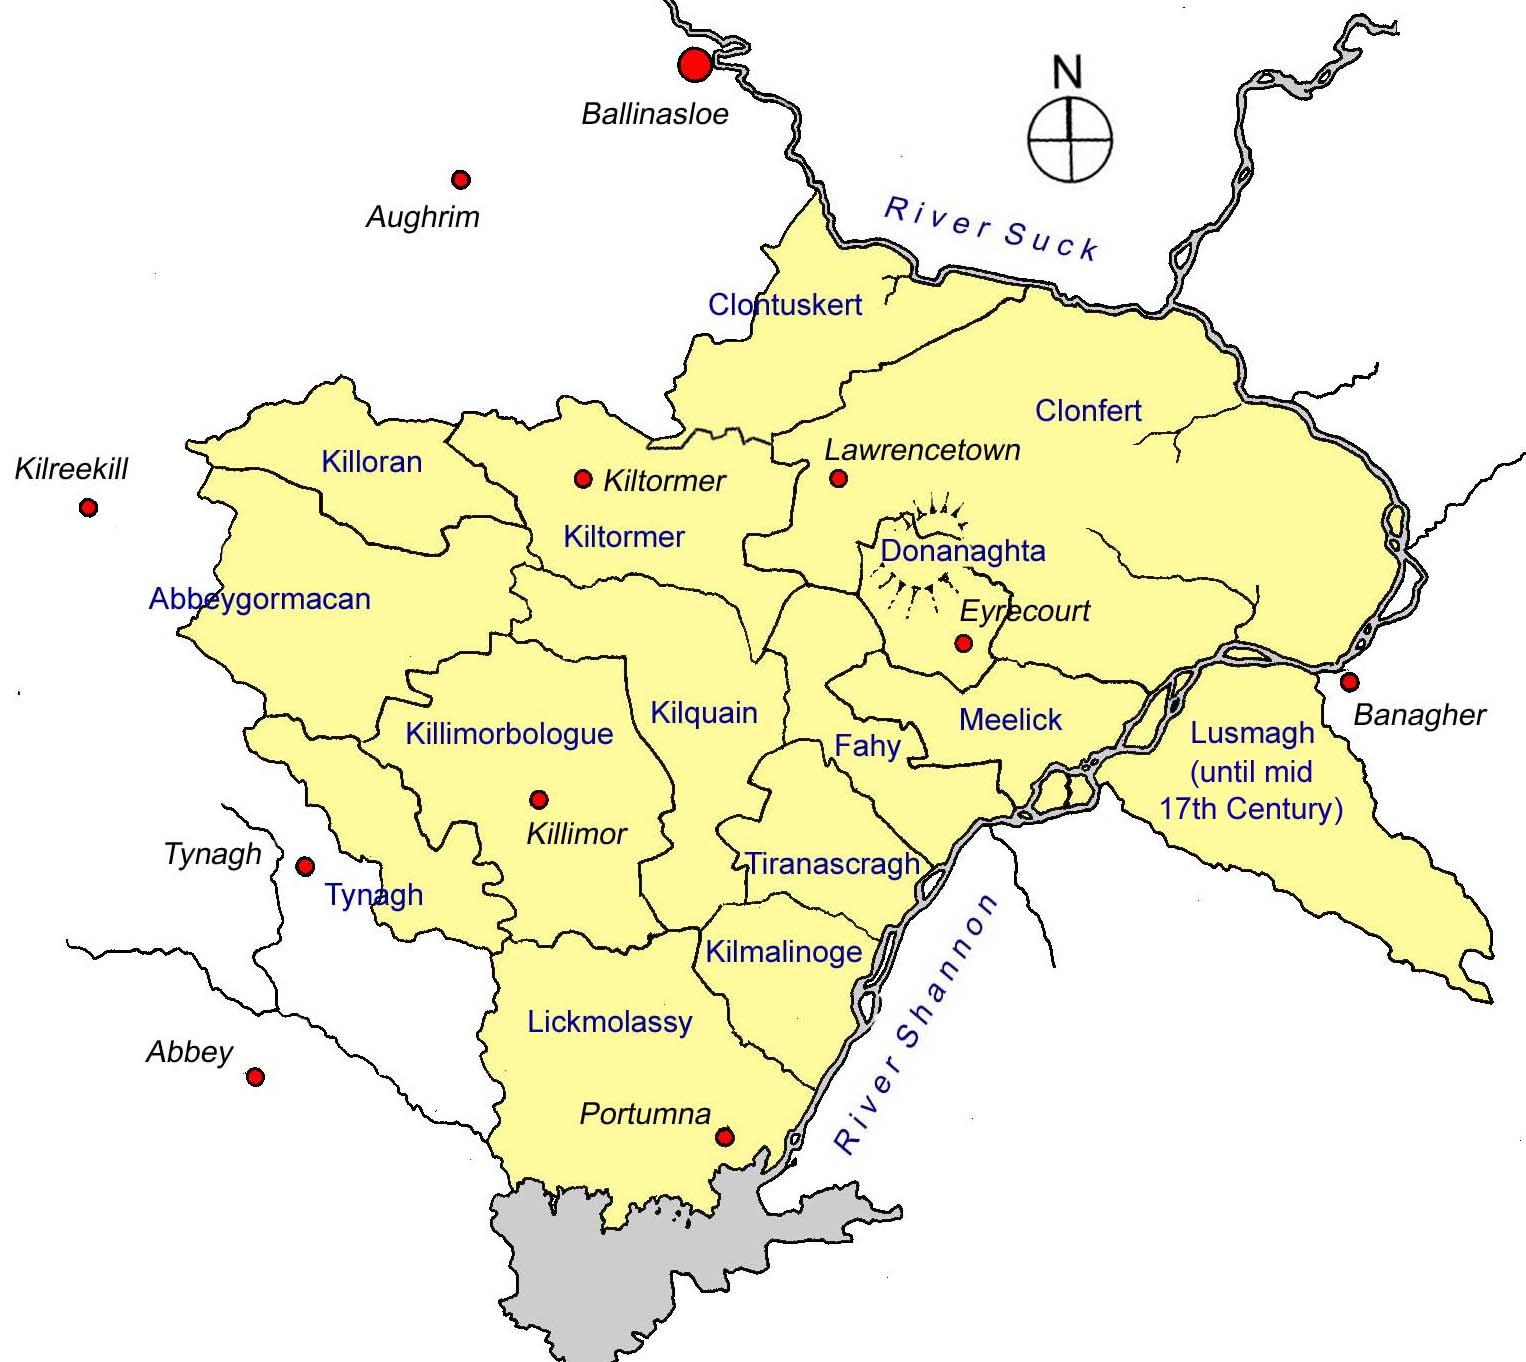 Map Of Ireland Galway County.Barony Of Longford County Galway Burke S East Galwayburke S East